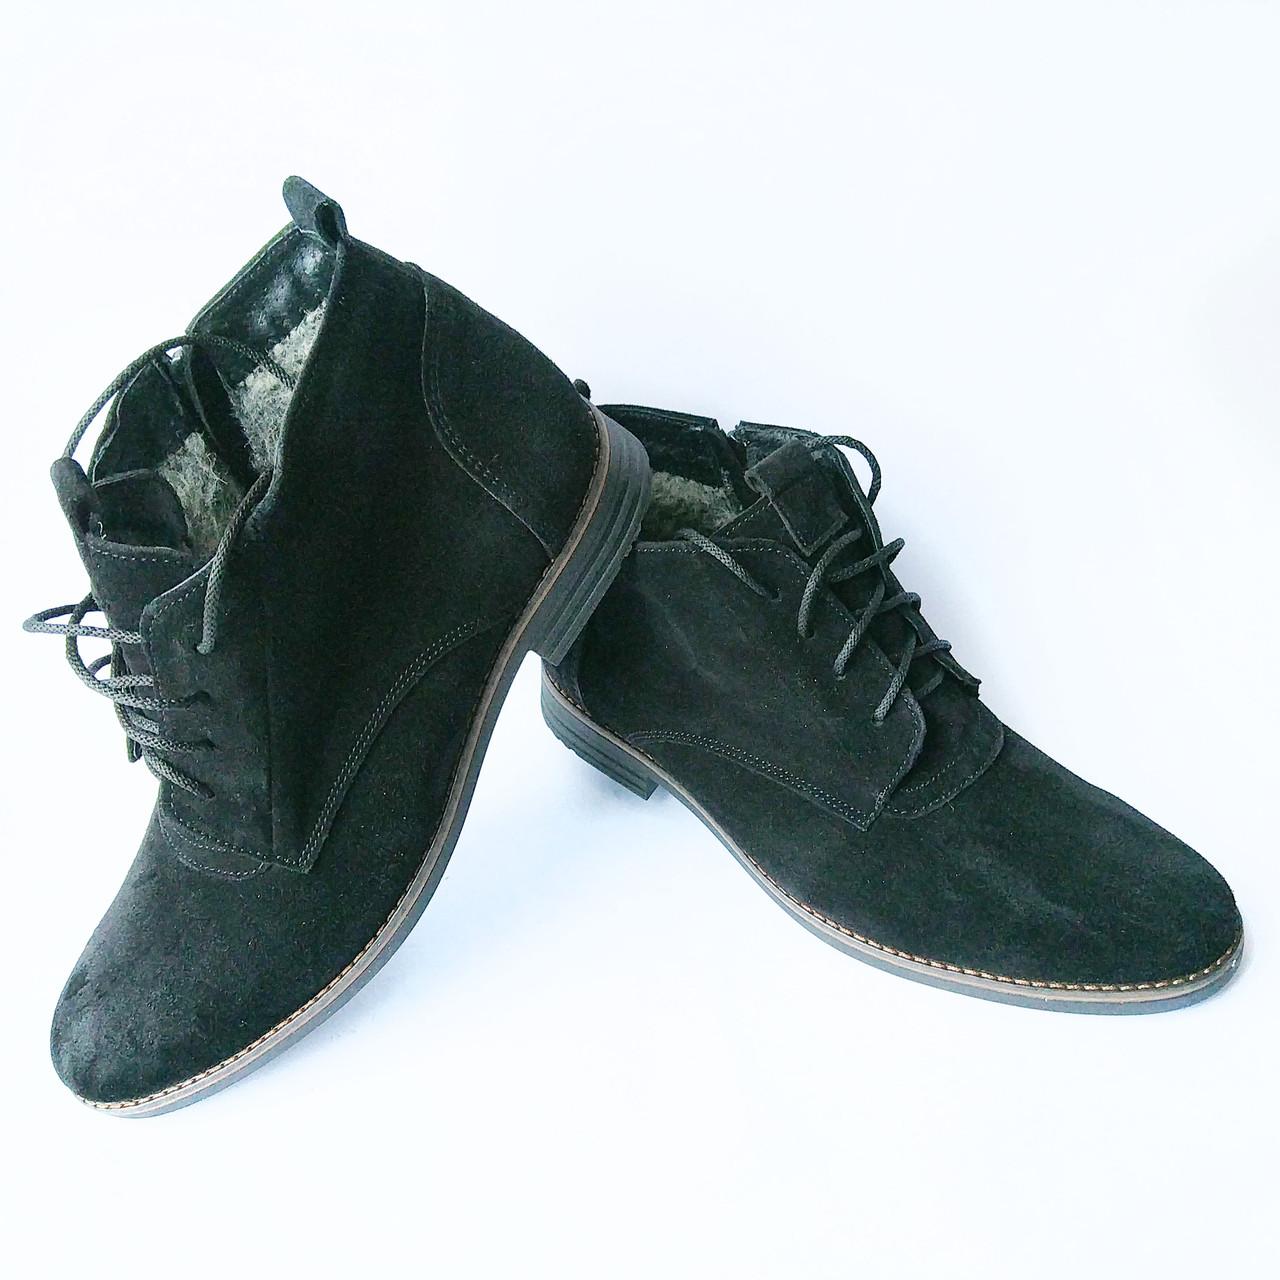 f86da5f6a Зимняя обувь мужская Харьков : замшевые ботинки, черного цвета, на меху,  фабрики Van